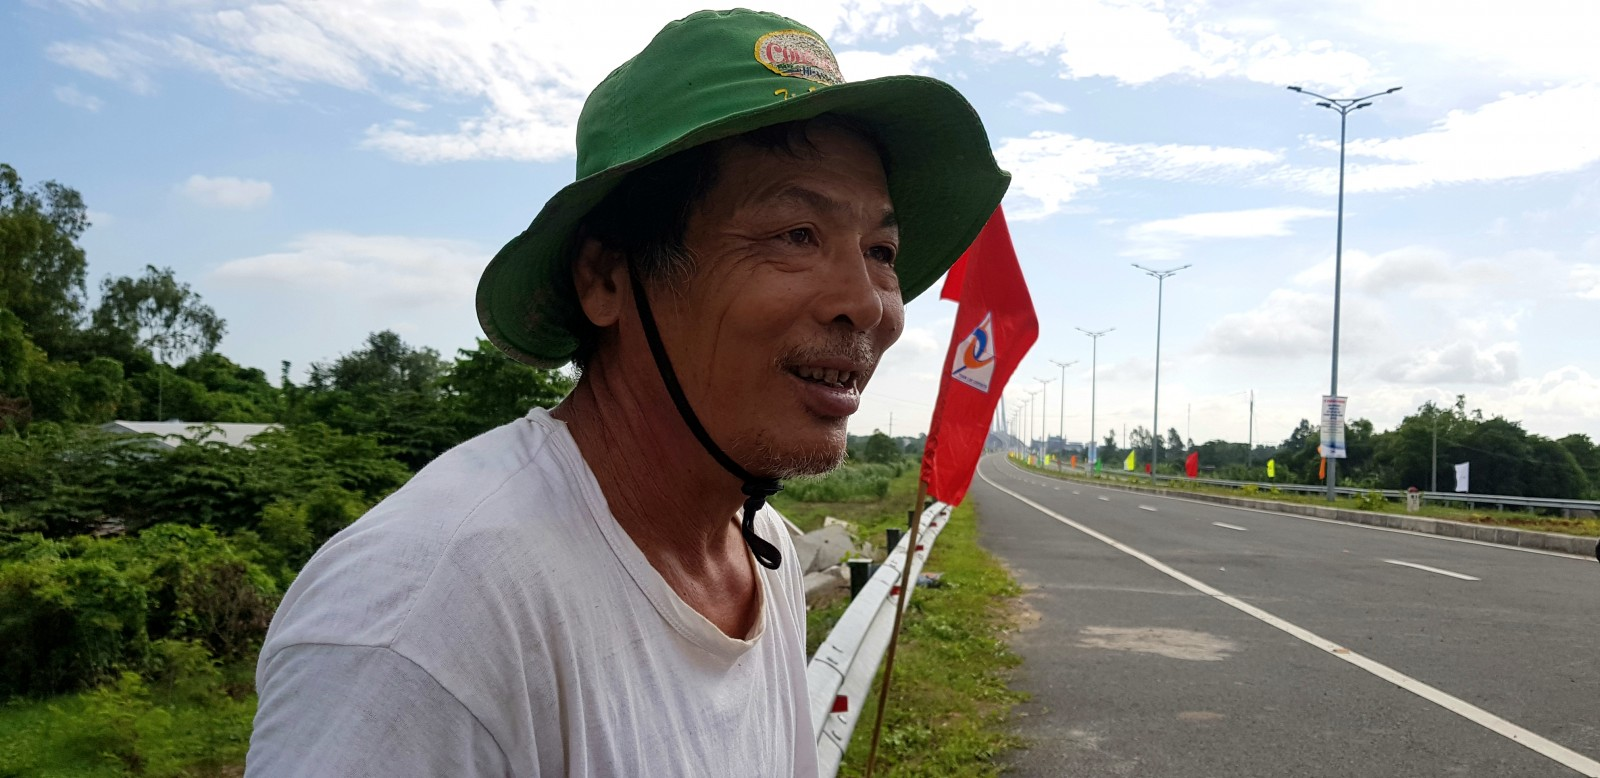 Chú Lê Thành Thái, 55 tuổi nhà ở gần cầu Vàm Cống cho biết: tui ra đây từ sáng sớm, chờ người ta cắt băng khánh thành để được đi lên cầu. mừng lắm khi có cầu bắc qua sông Hậu, dân đi lại dễ dàng hơn.